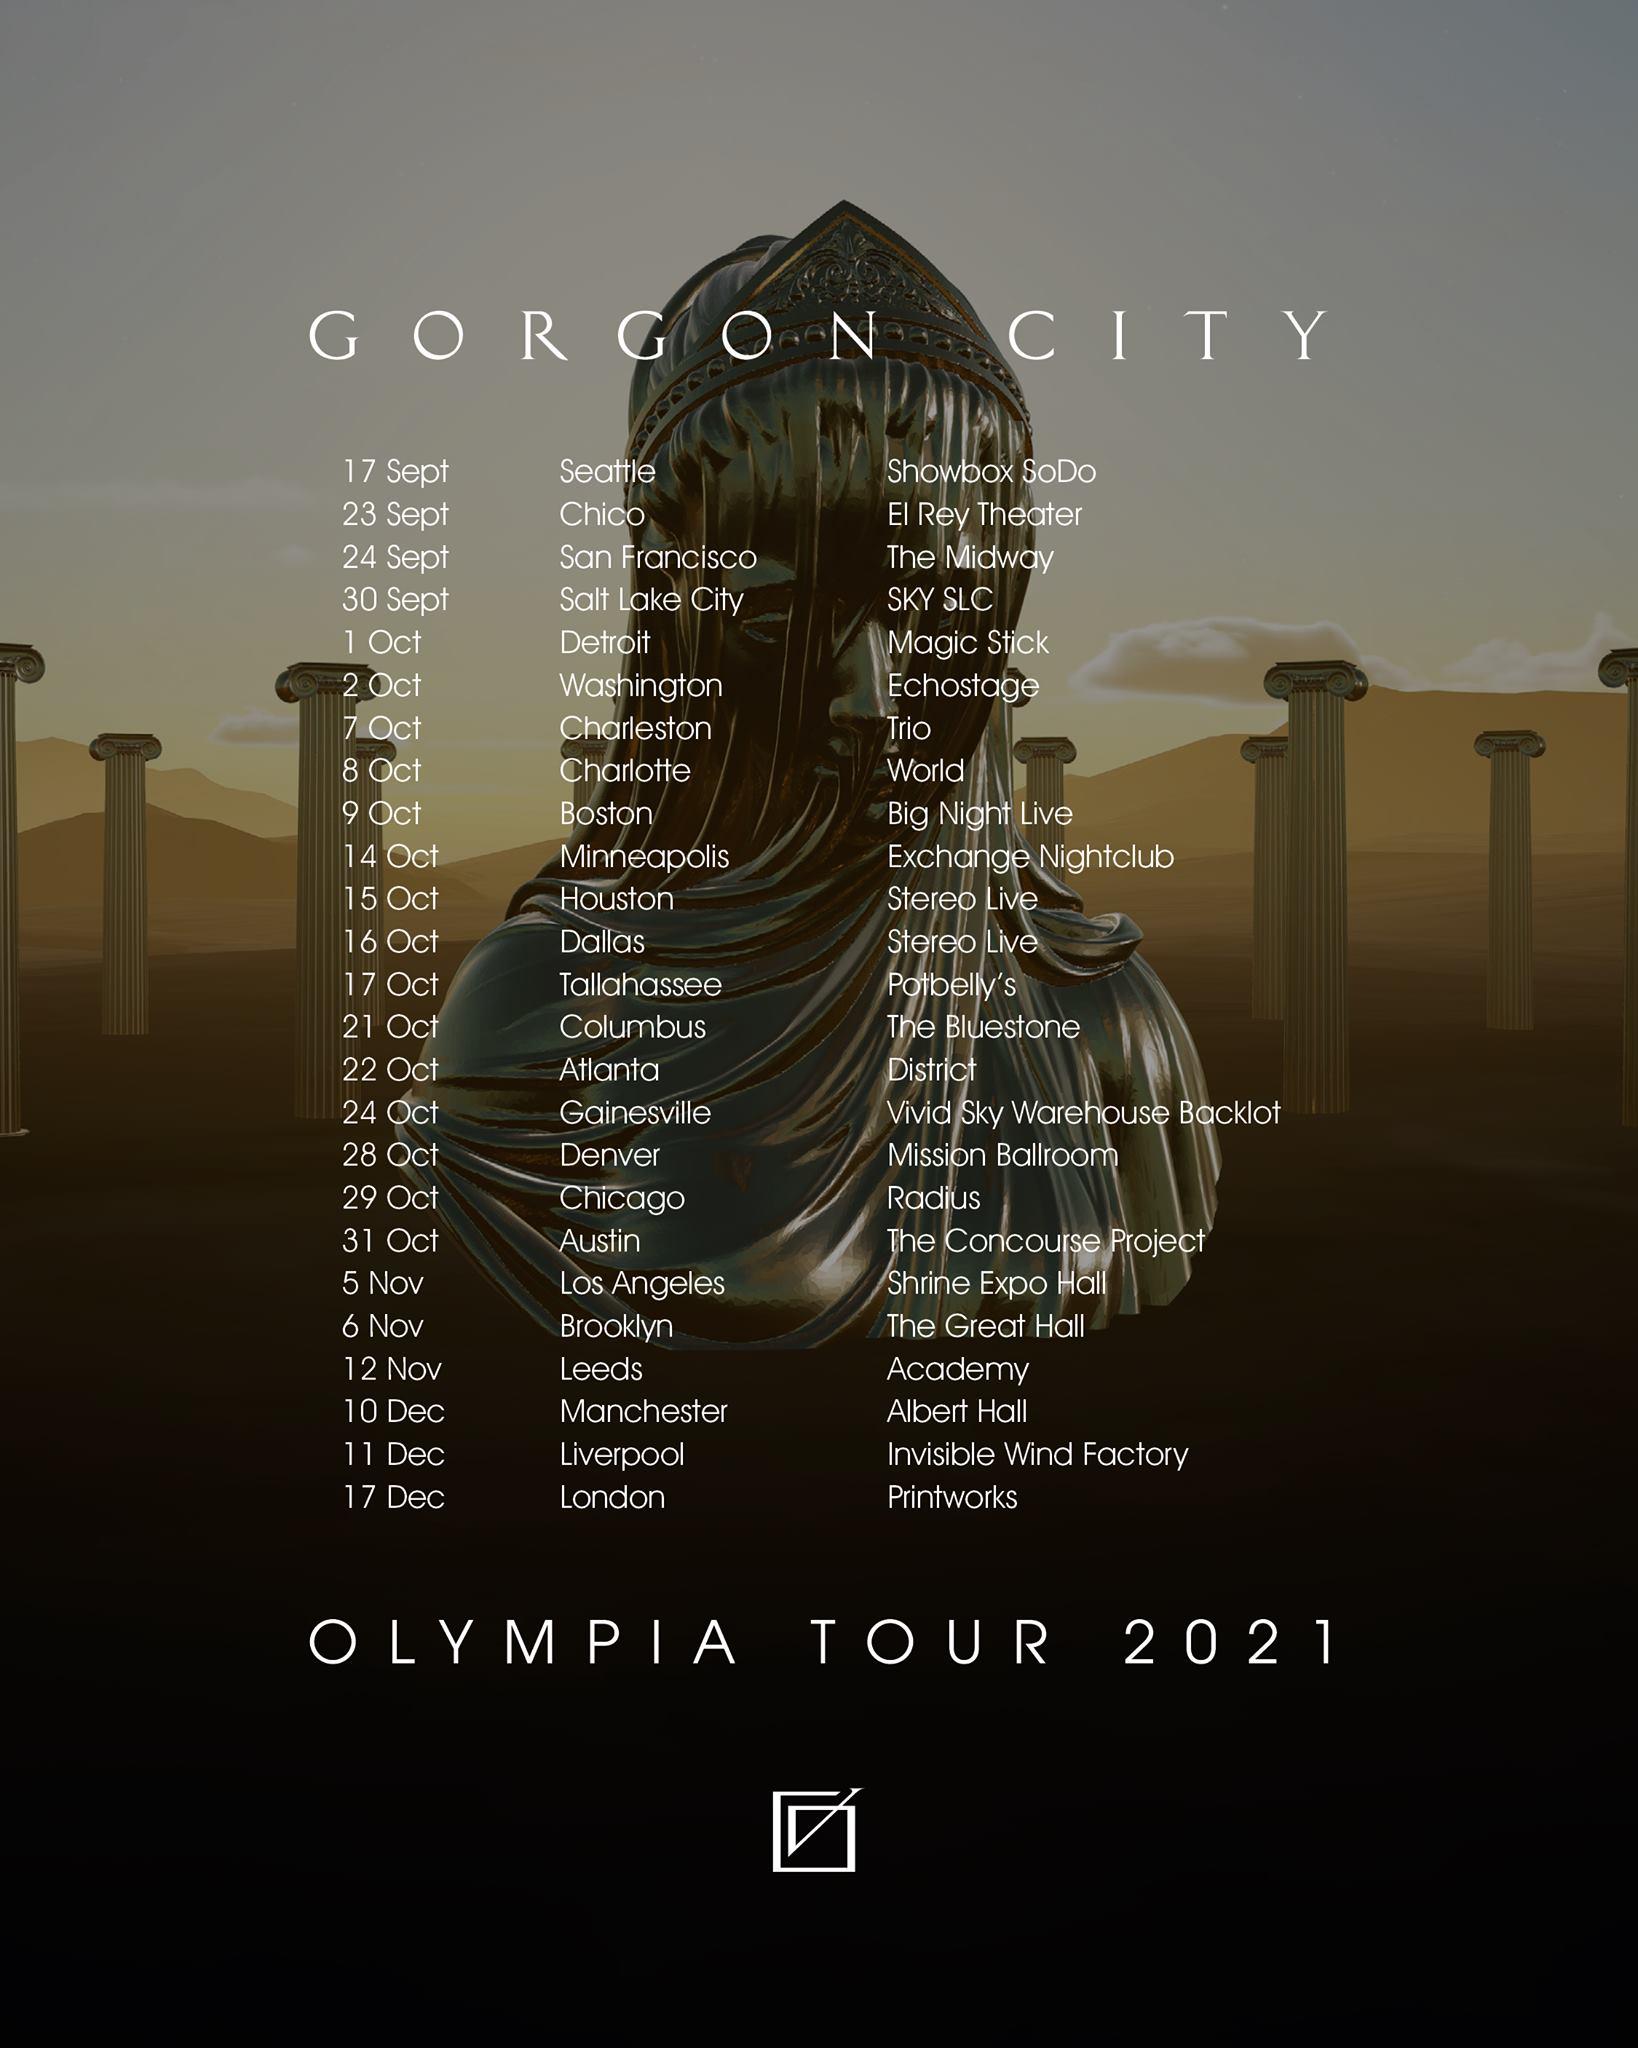 Gorgon City Olympia Tour Dates